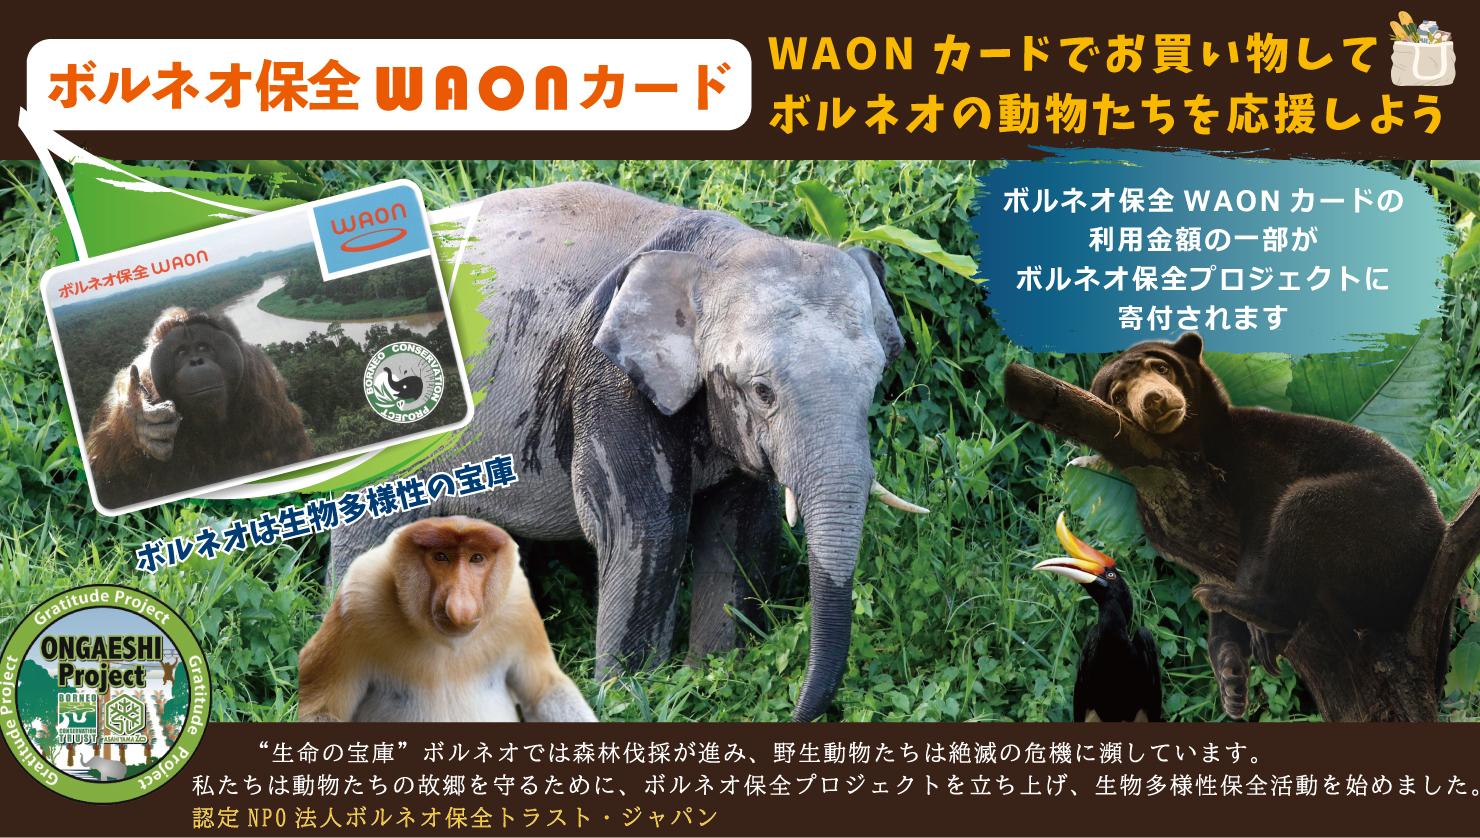 ボルネオ保全 WAON カード